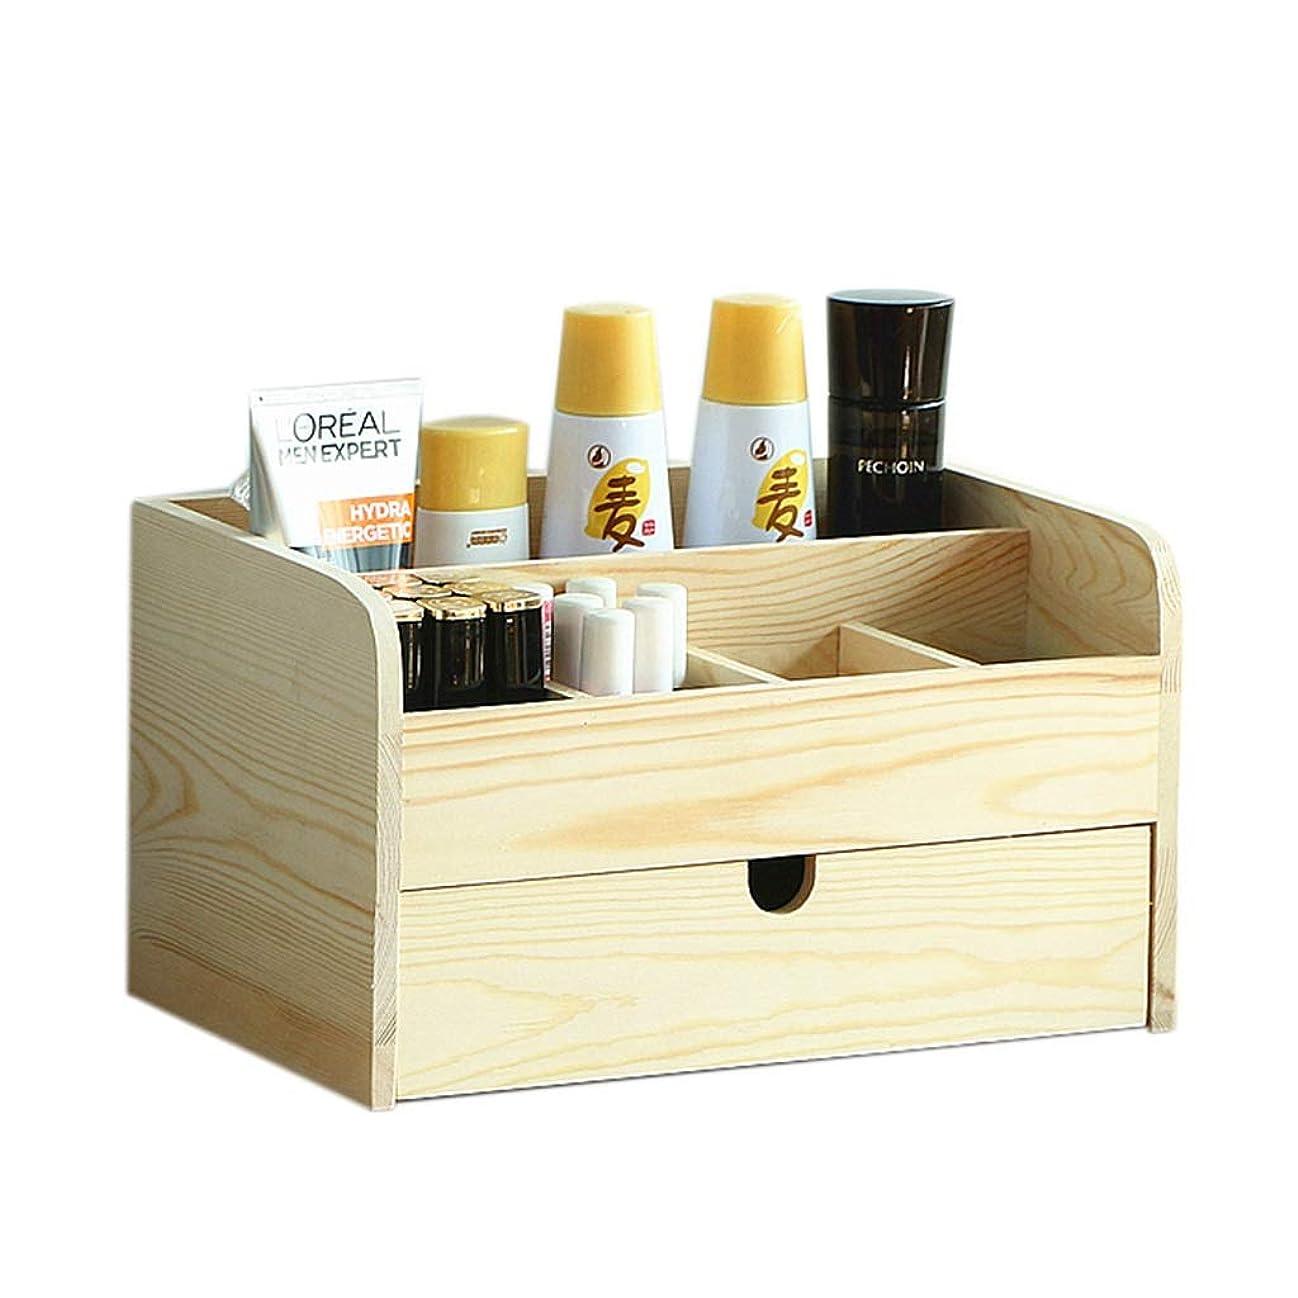 見分けるシネマメダリスト化粧品収納ボックスデスクトップ収納ラック引き出し付きデスク収納ボックス (Color : Wood color, Size : 30x19x17cm)